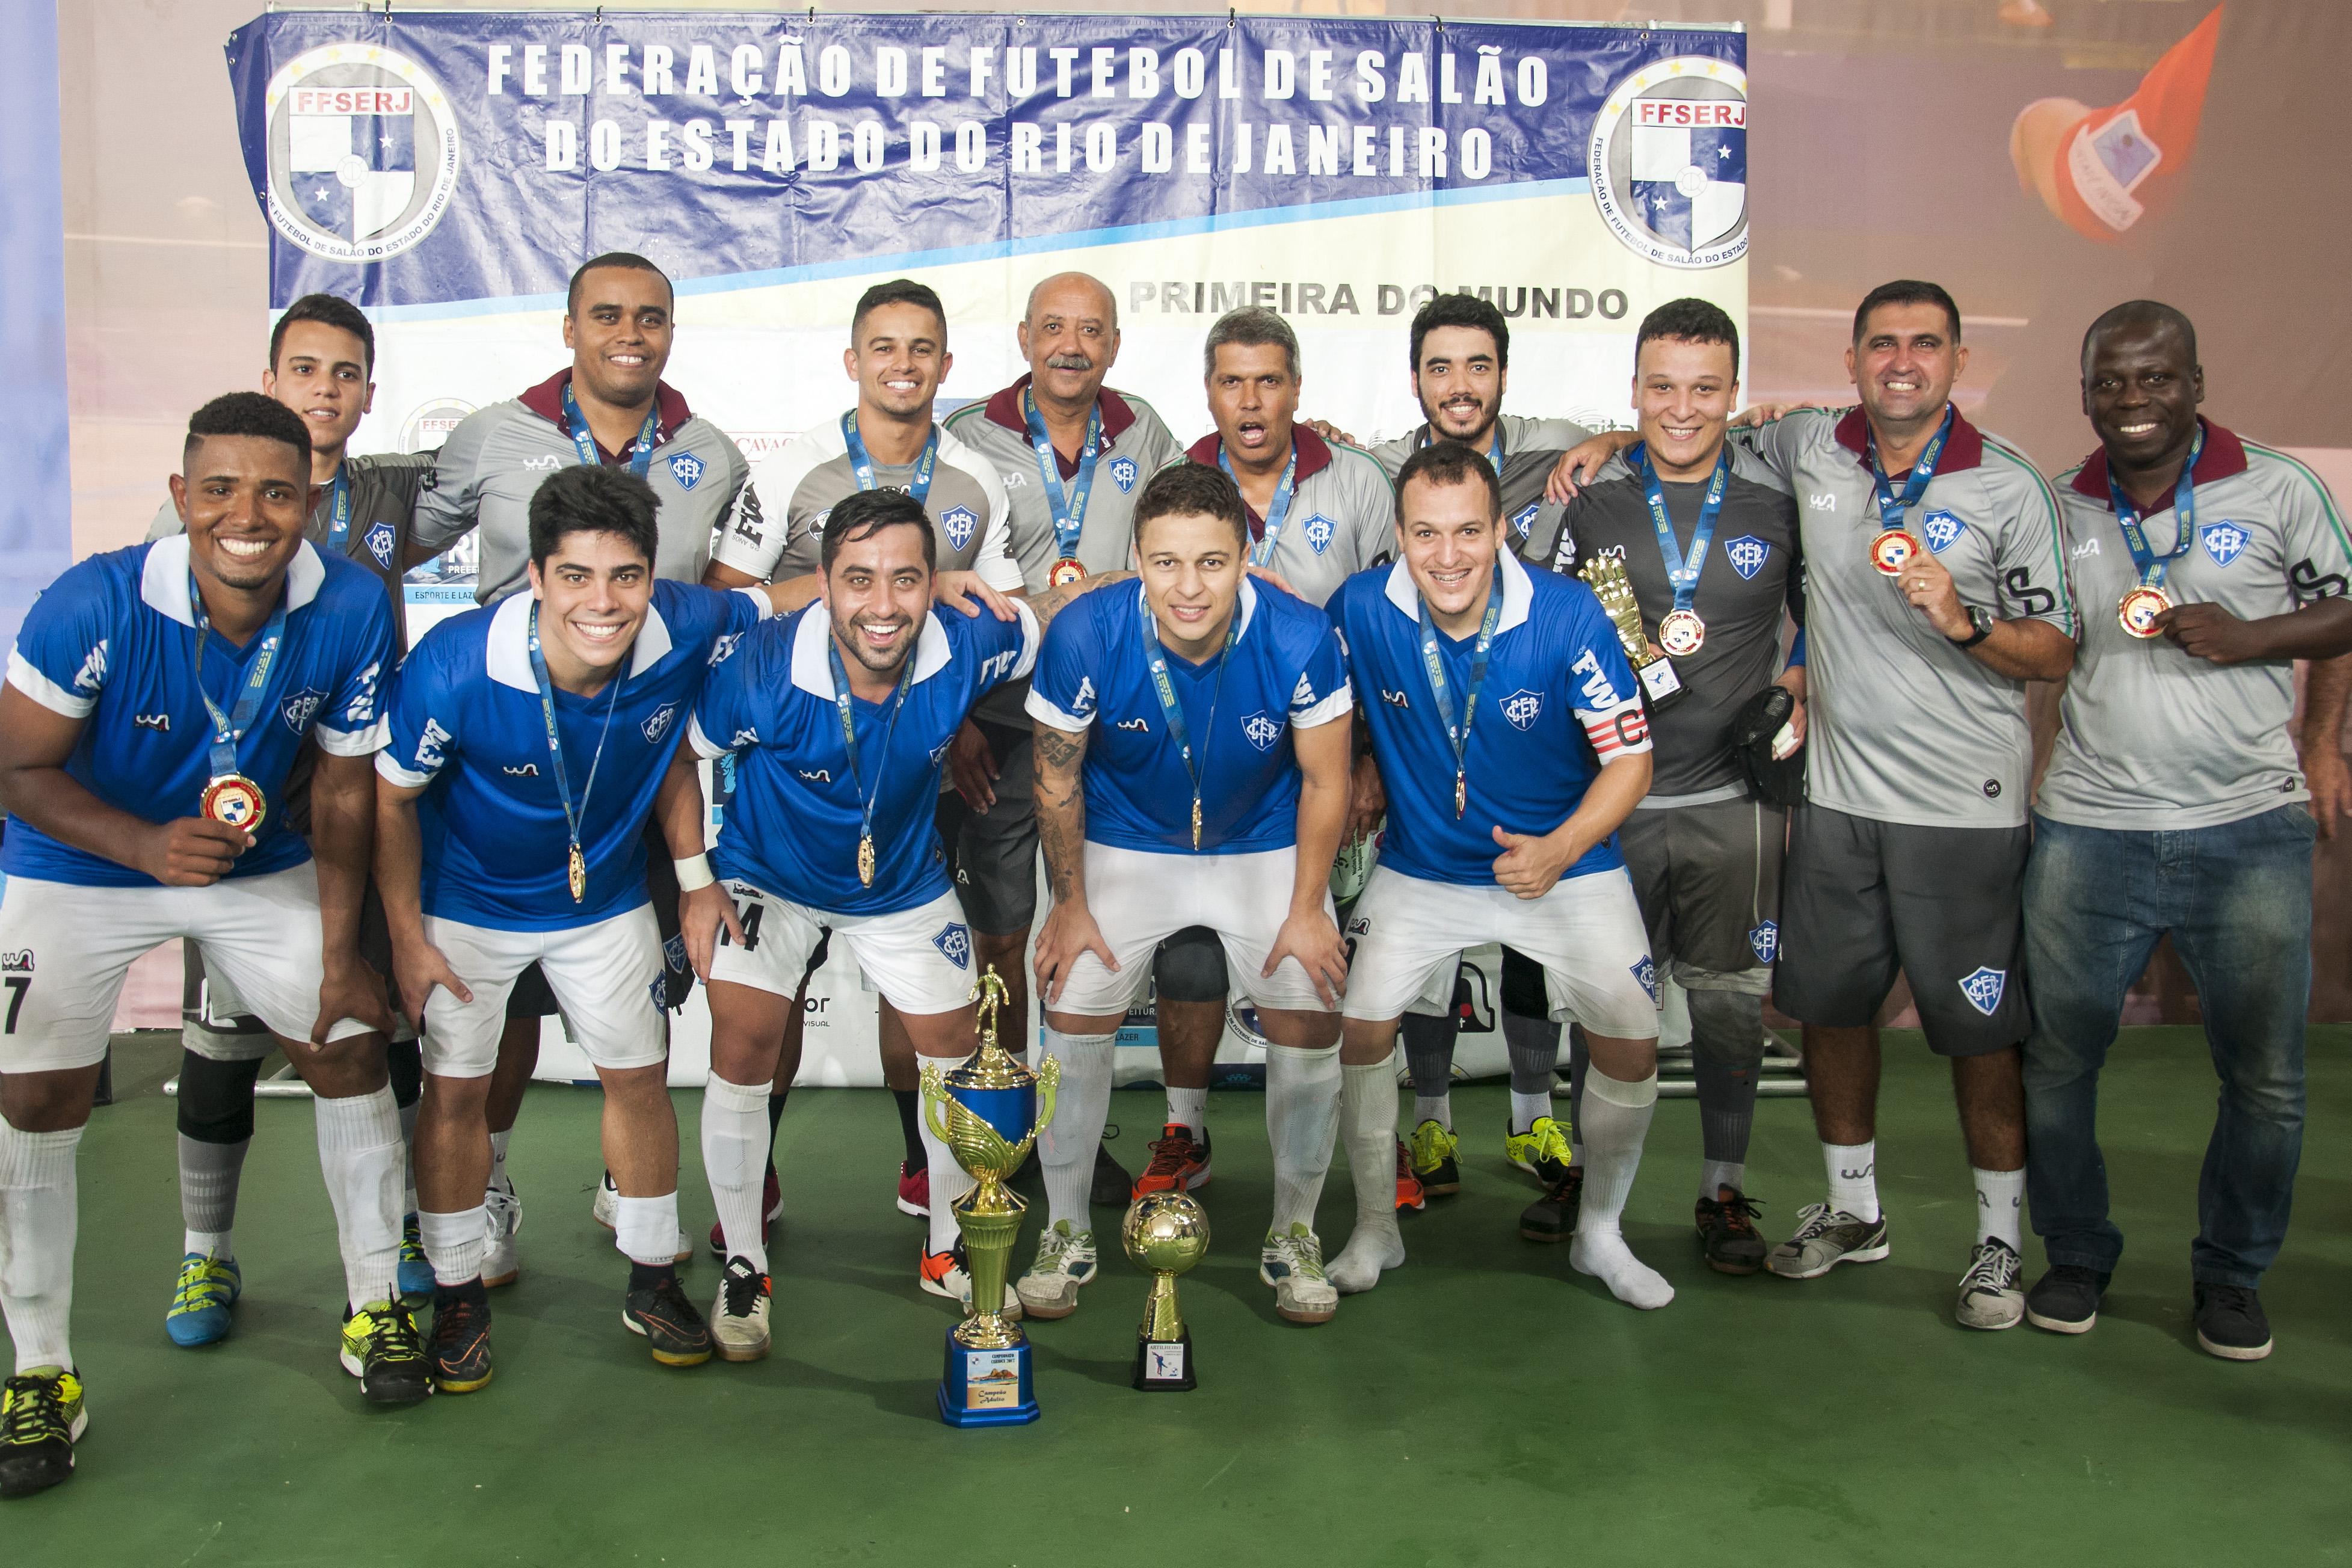 Canto do Rio campeão carioca futsal 2017